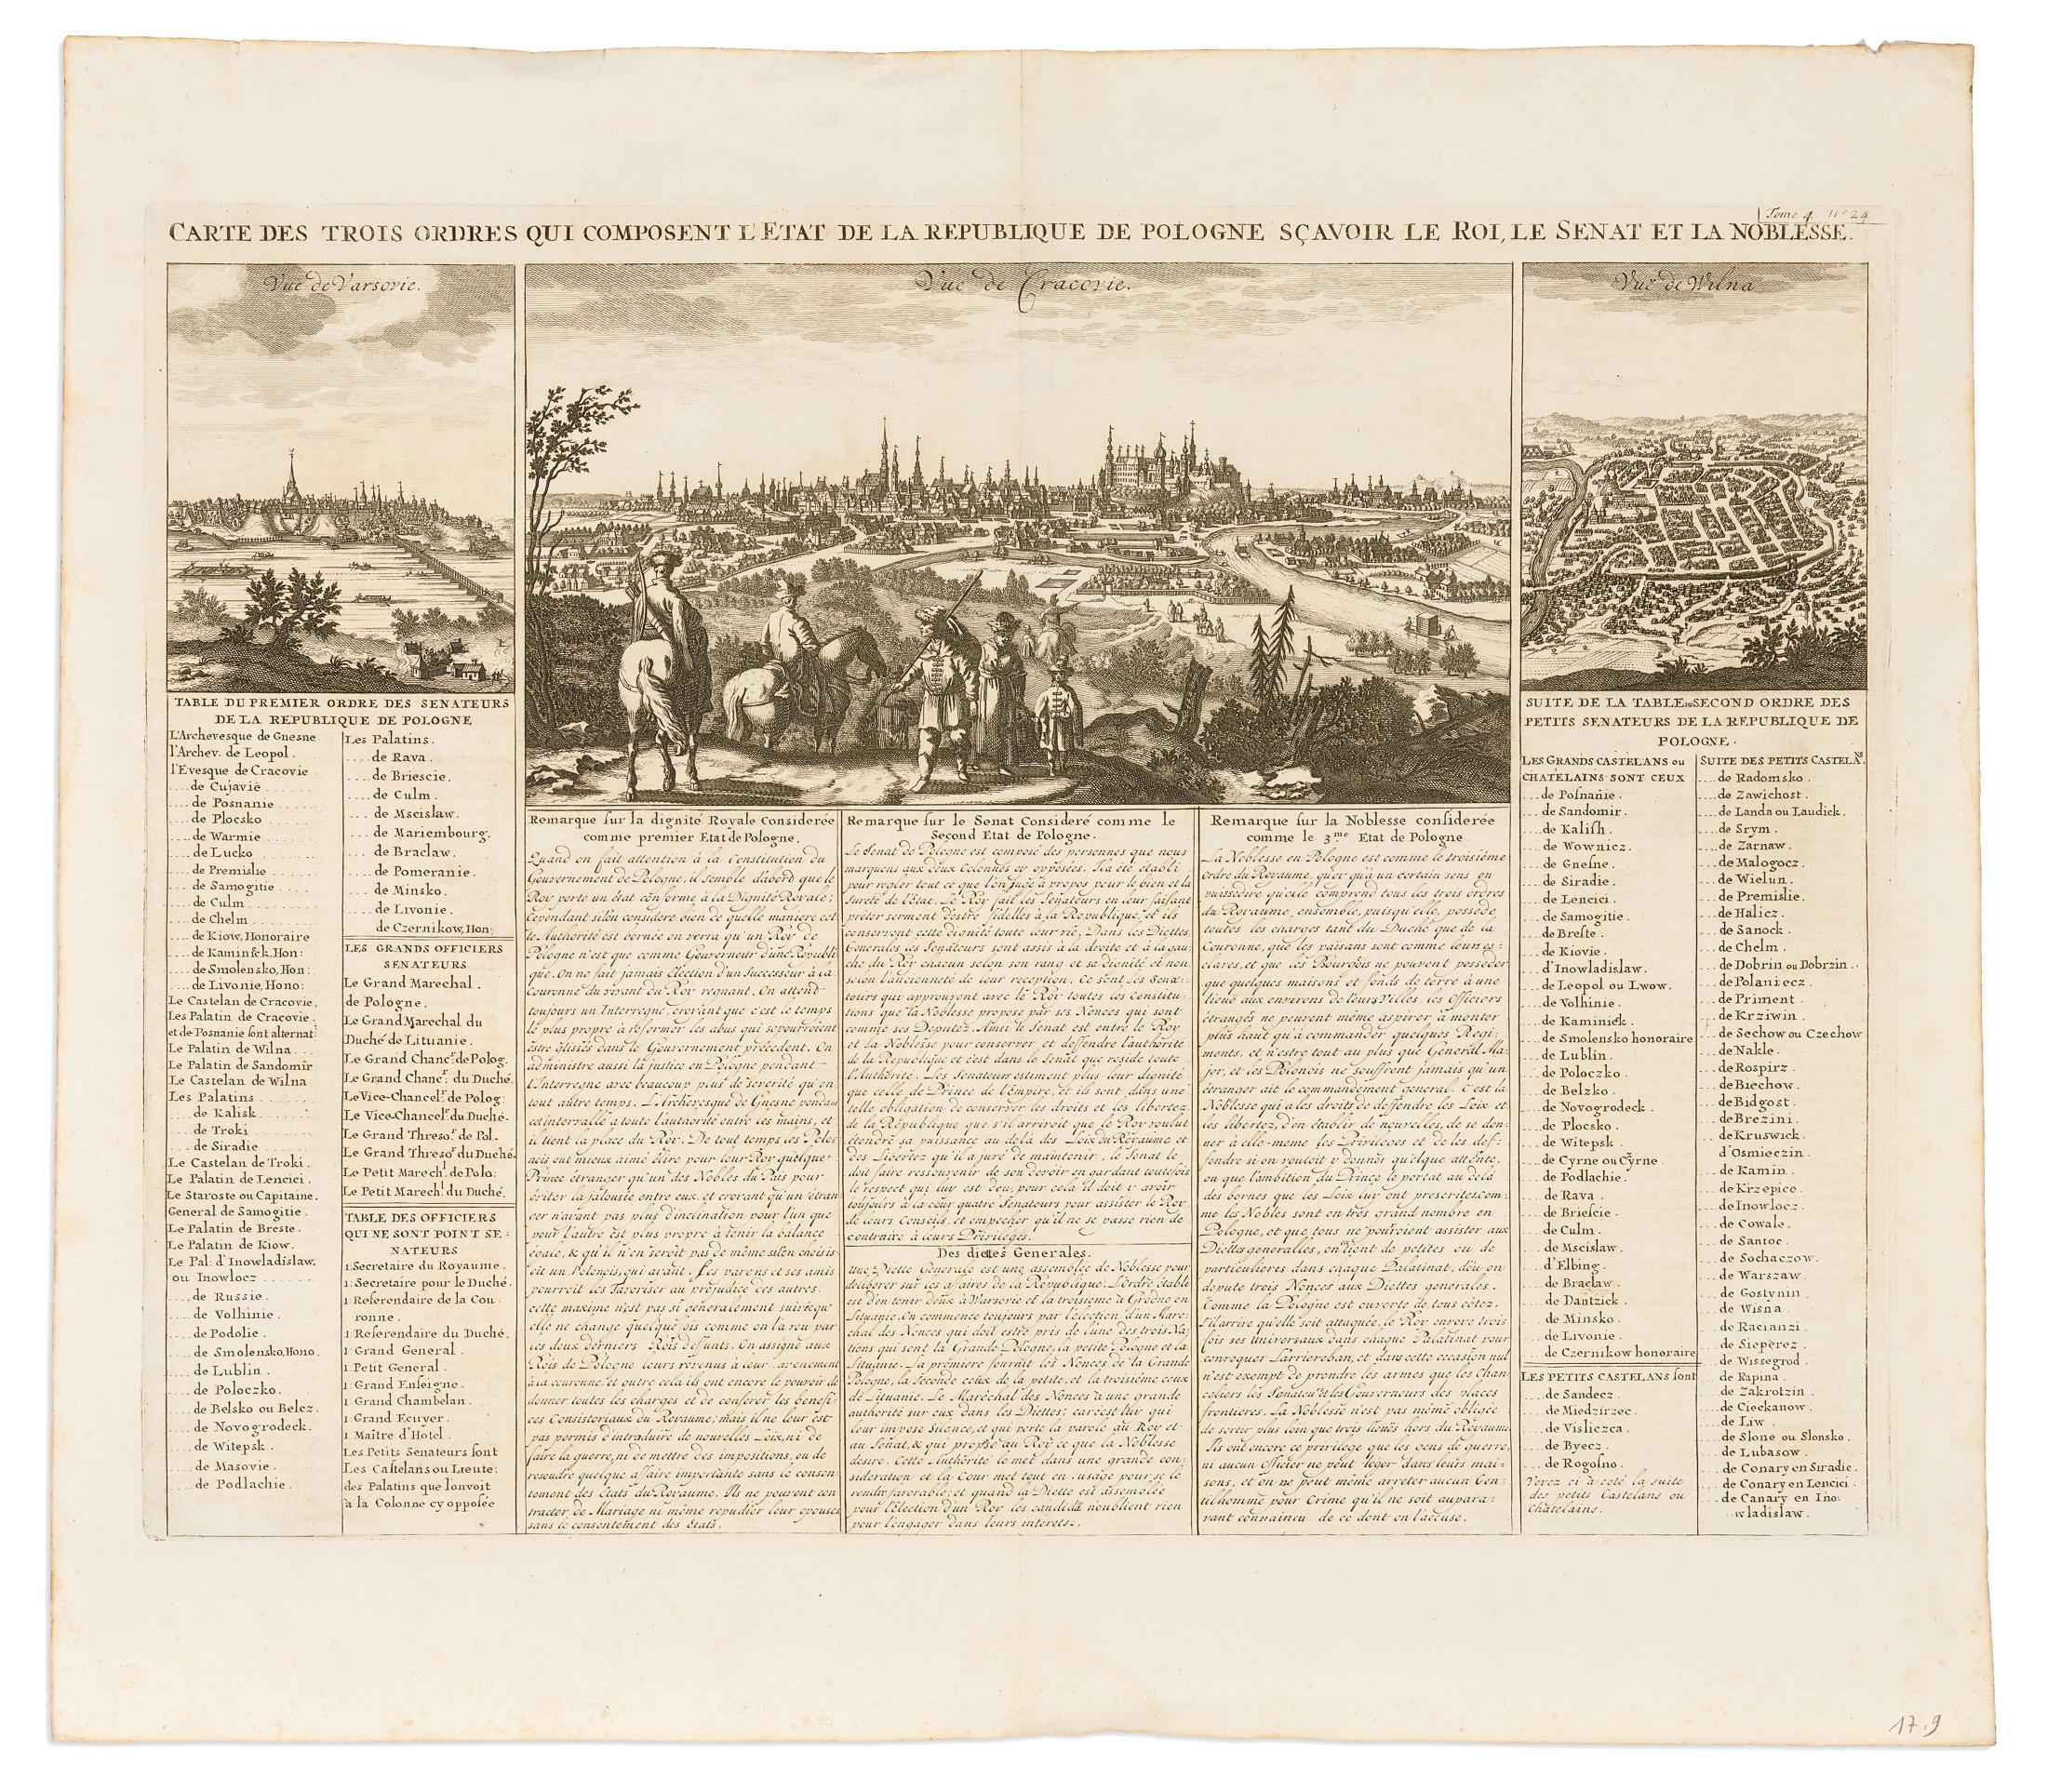 [KRAKÓW, WARSZAWA, WILNO] Carte Des Trois Ordres Qui Composent L'Etat De La Republique De Pologne : Sçavoir Le Roi, Le Senat Et La Noblesse, 1715